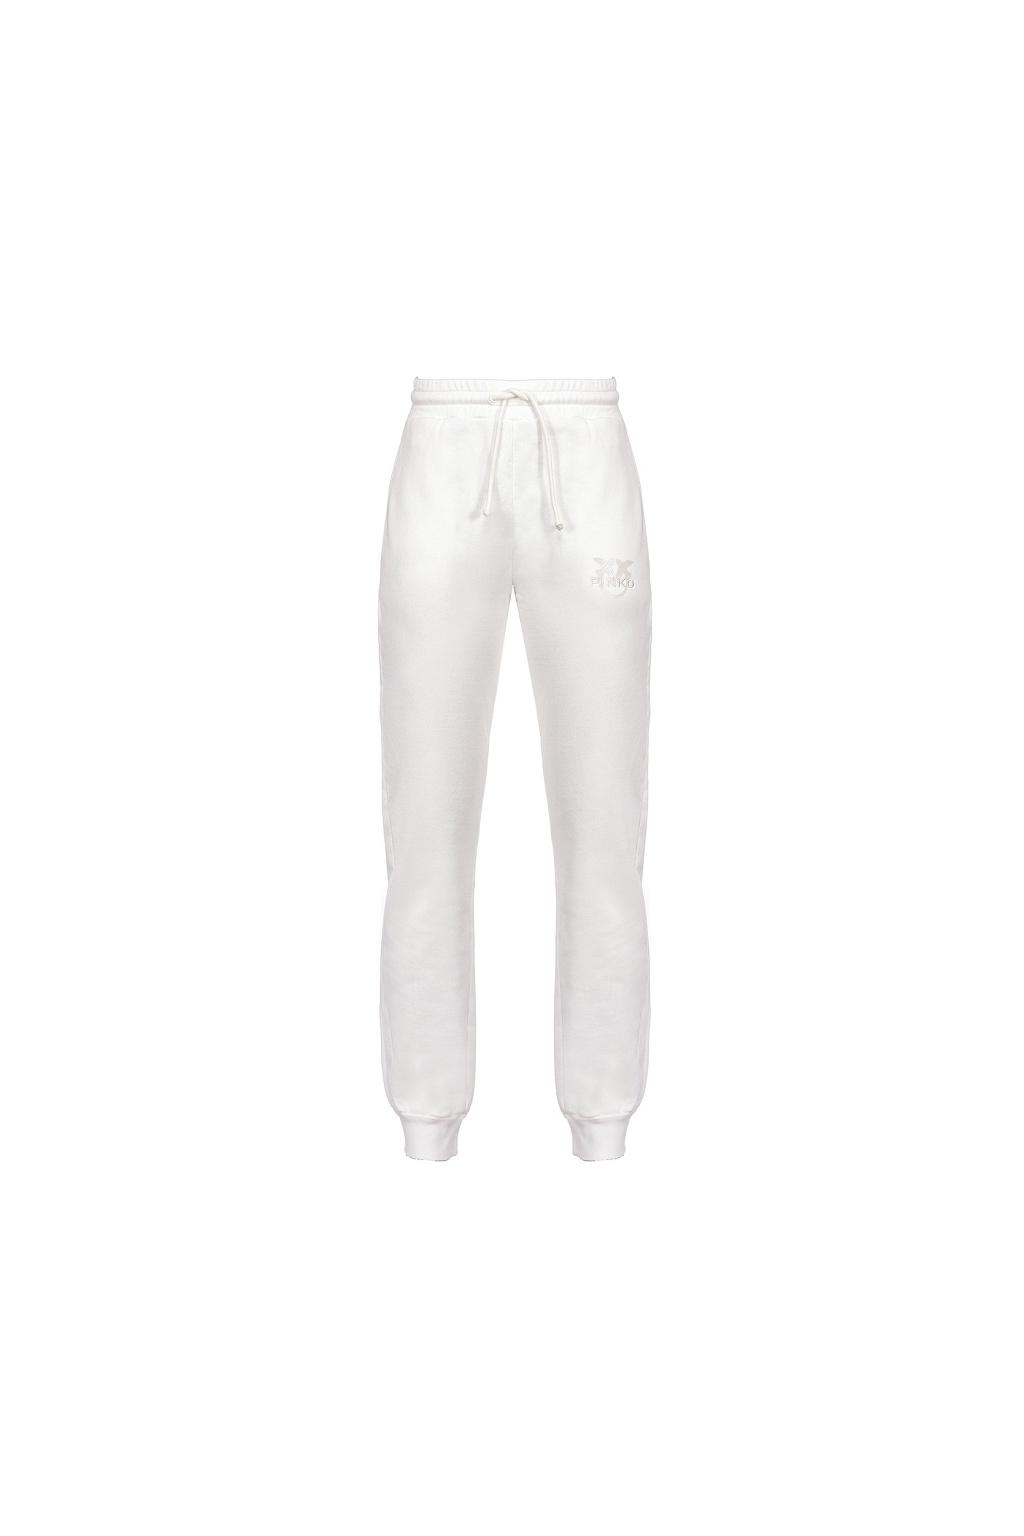 1G1638Y72Z Z13 Dámské kalhoty Pinko Carico bílé